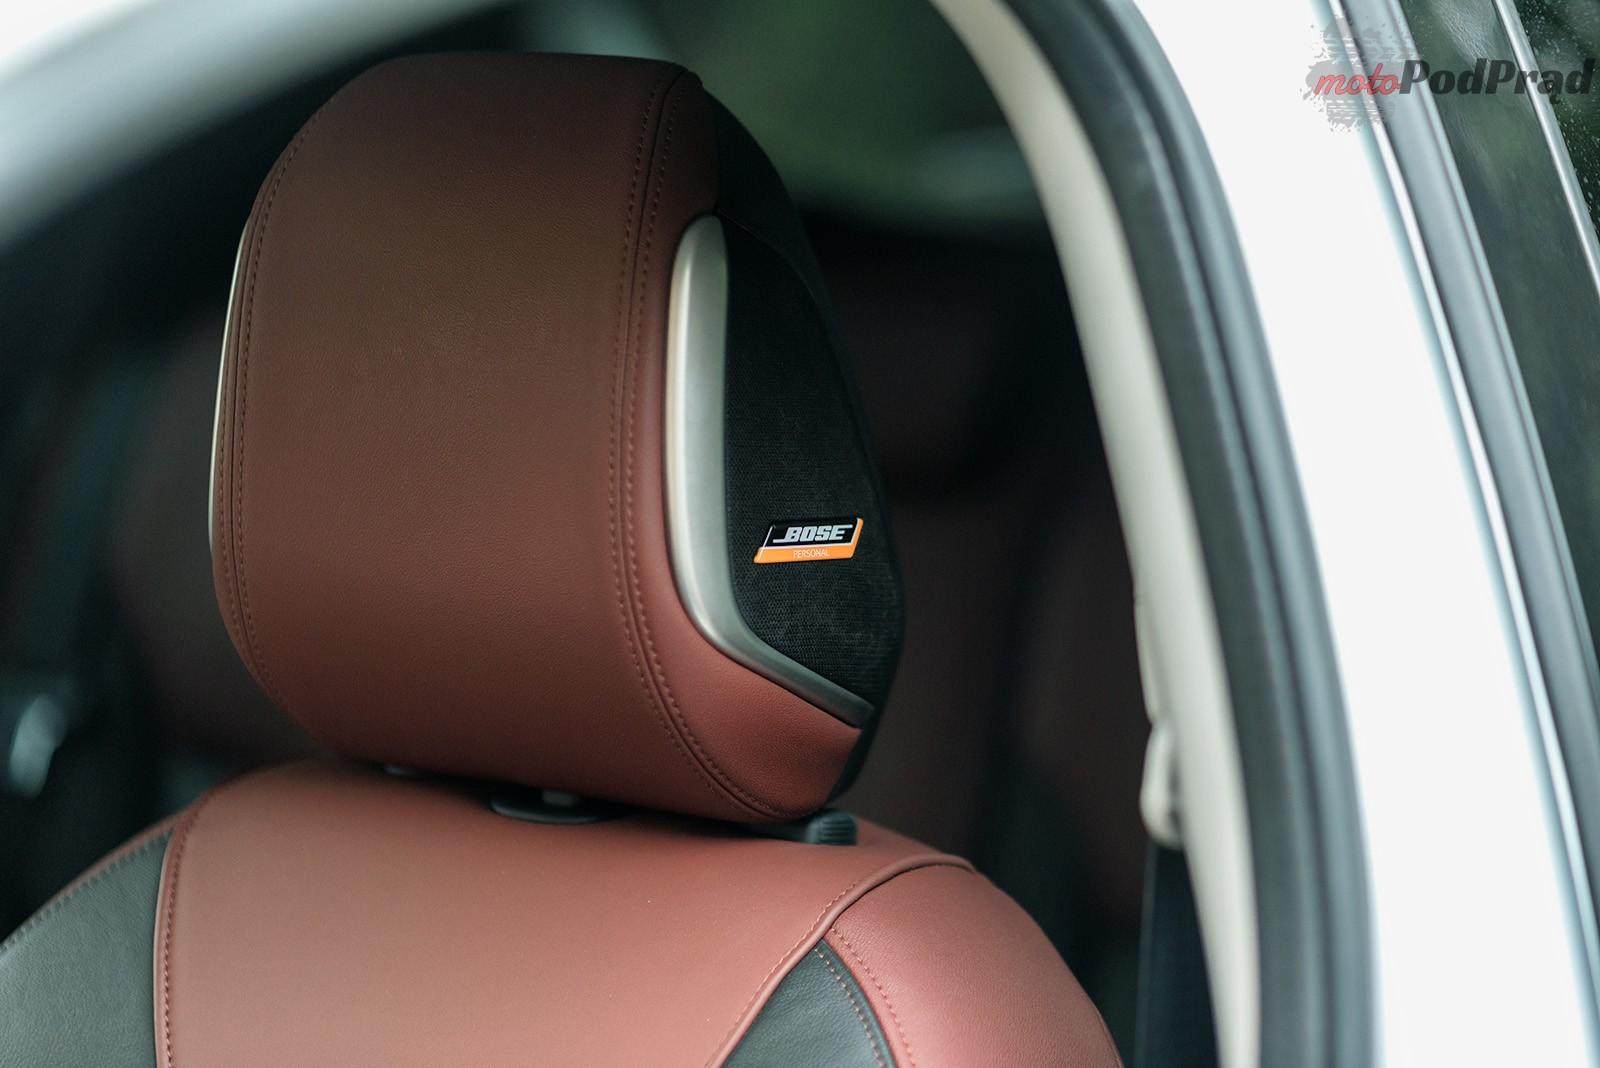 Nissan Micra 21 Test: Nissan Micra 0.9 90 KM   mały owad